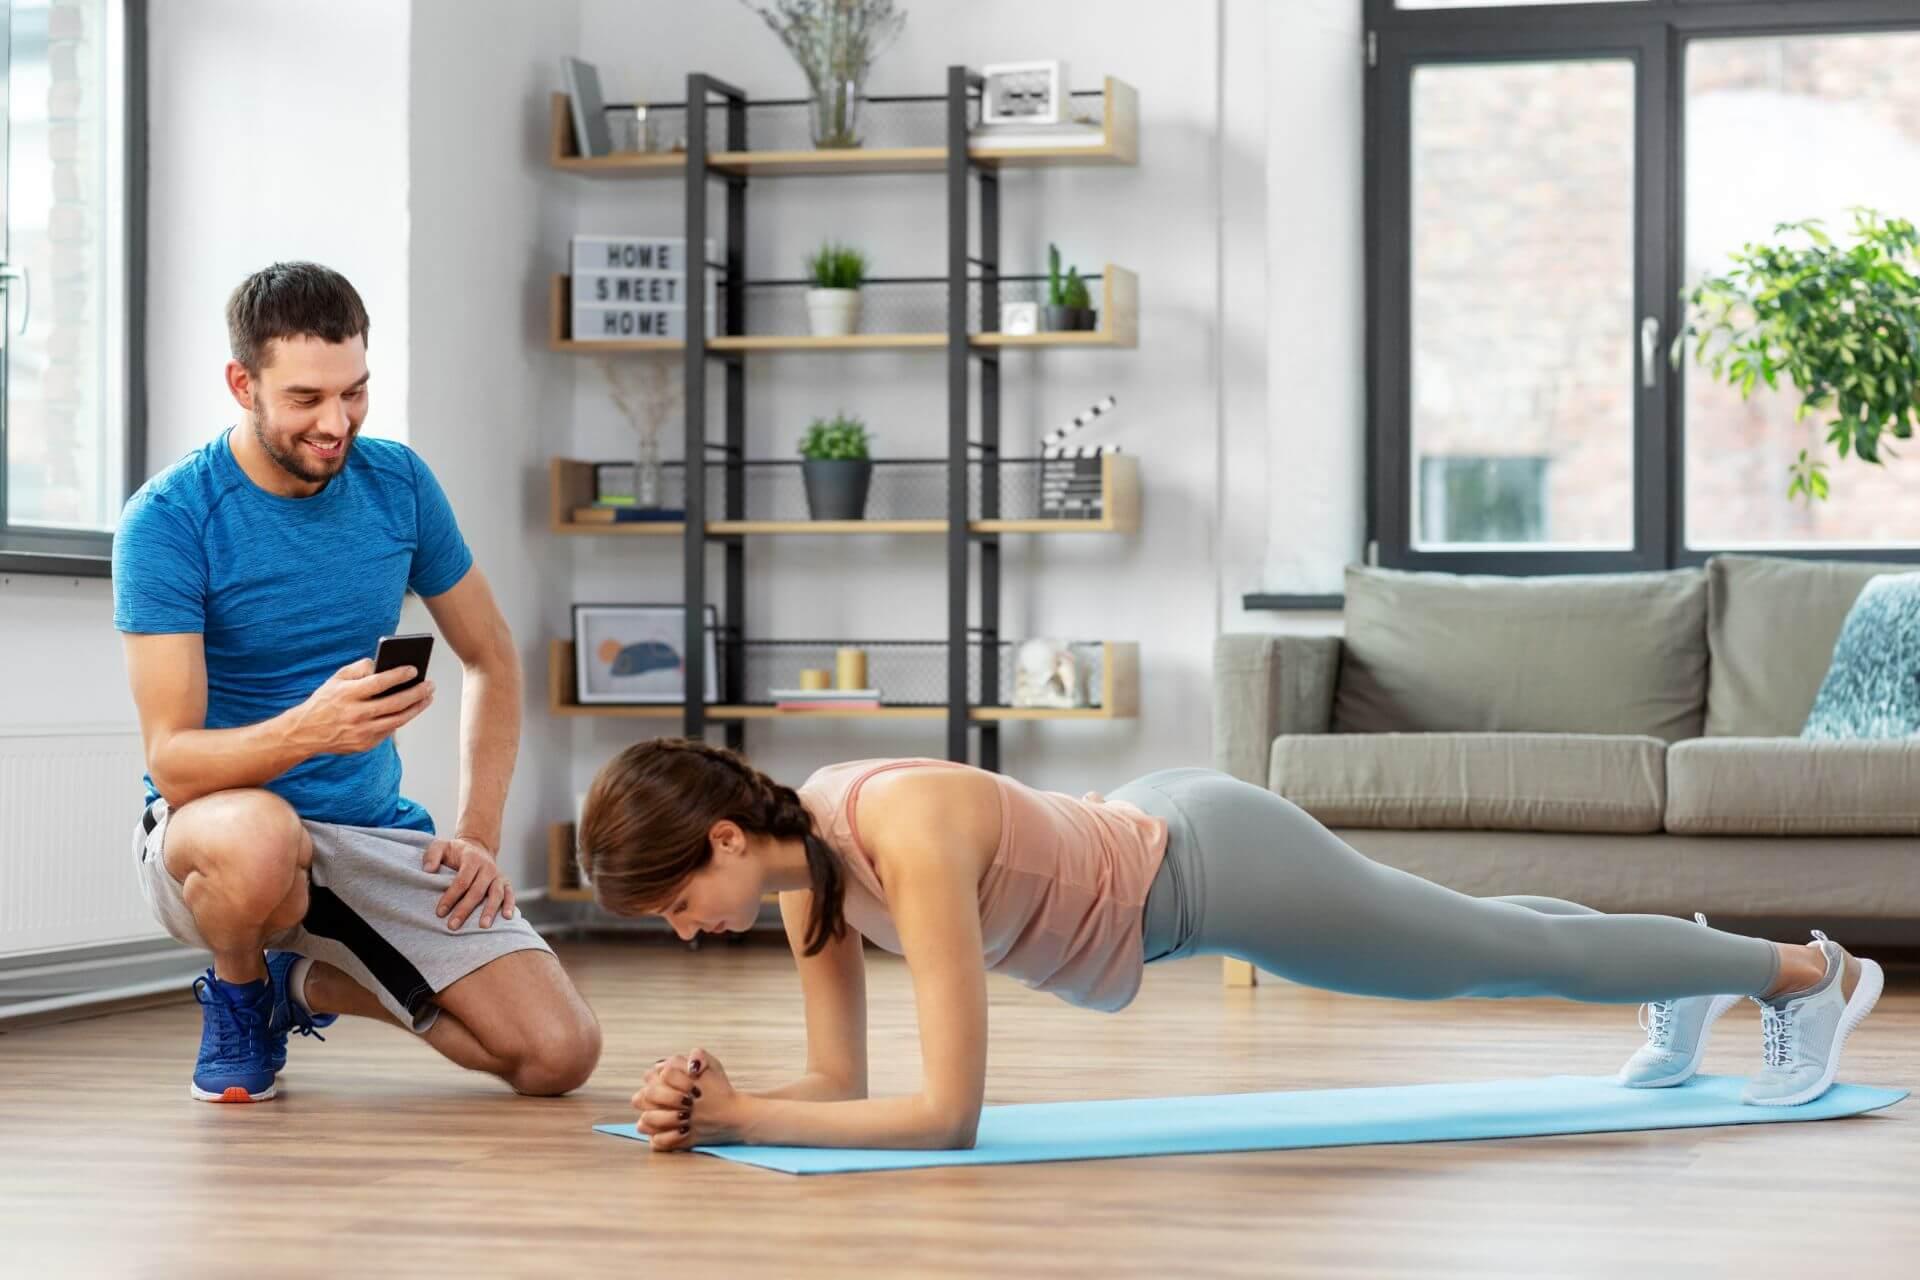 Übungen zur Kraftausdauer - Planks